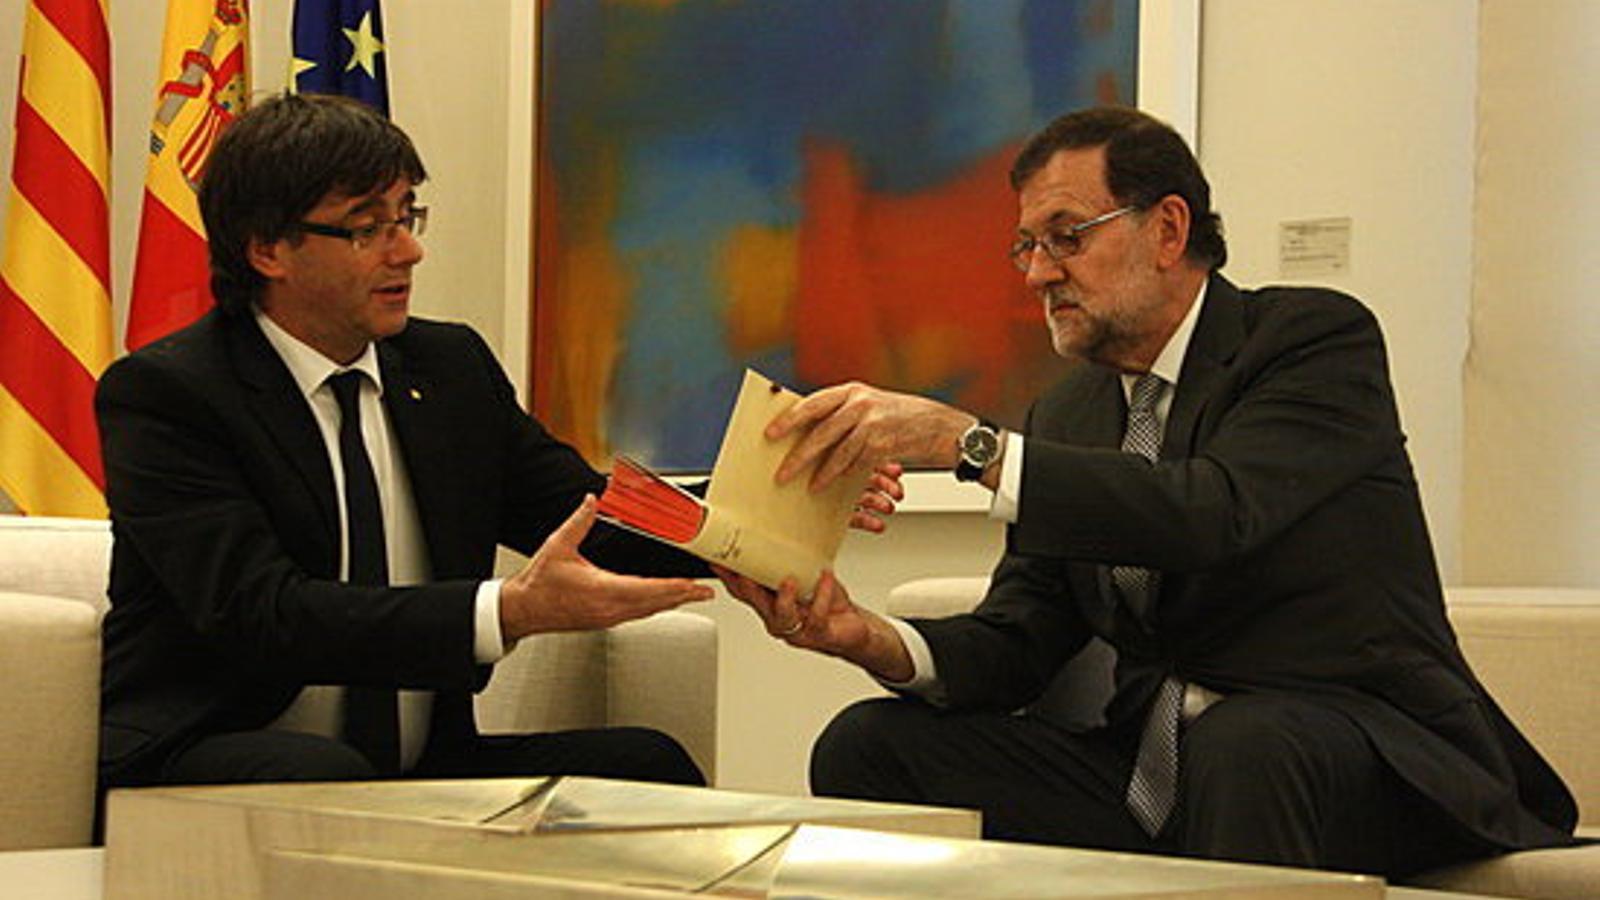 Primera reunió de Rajoy i Puigdemont a la Moncloa